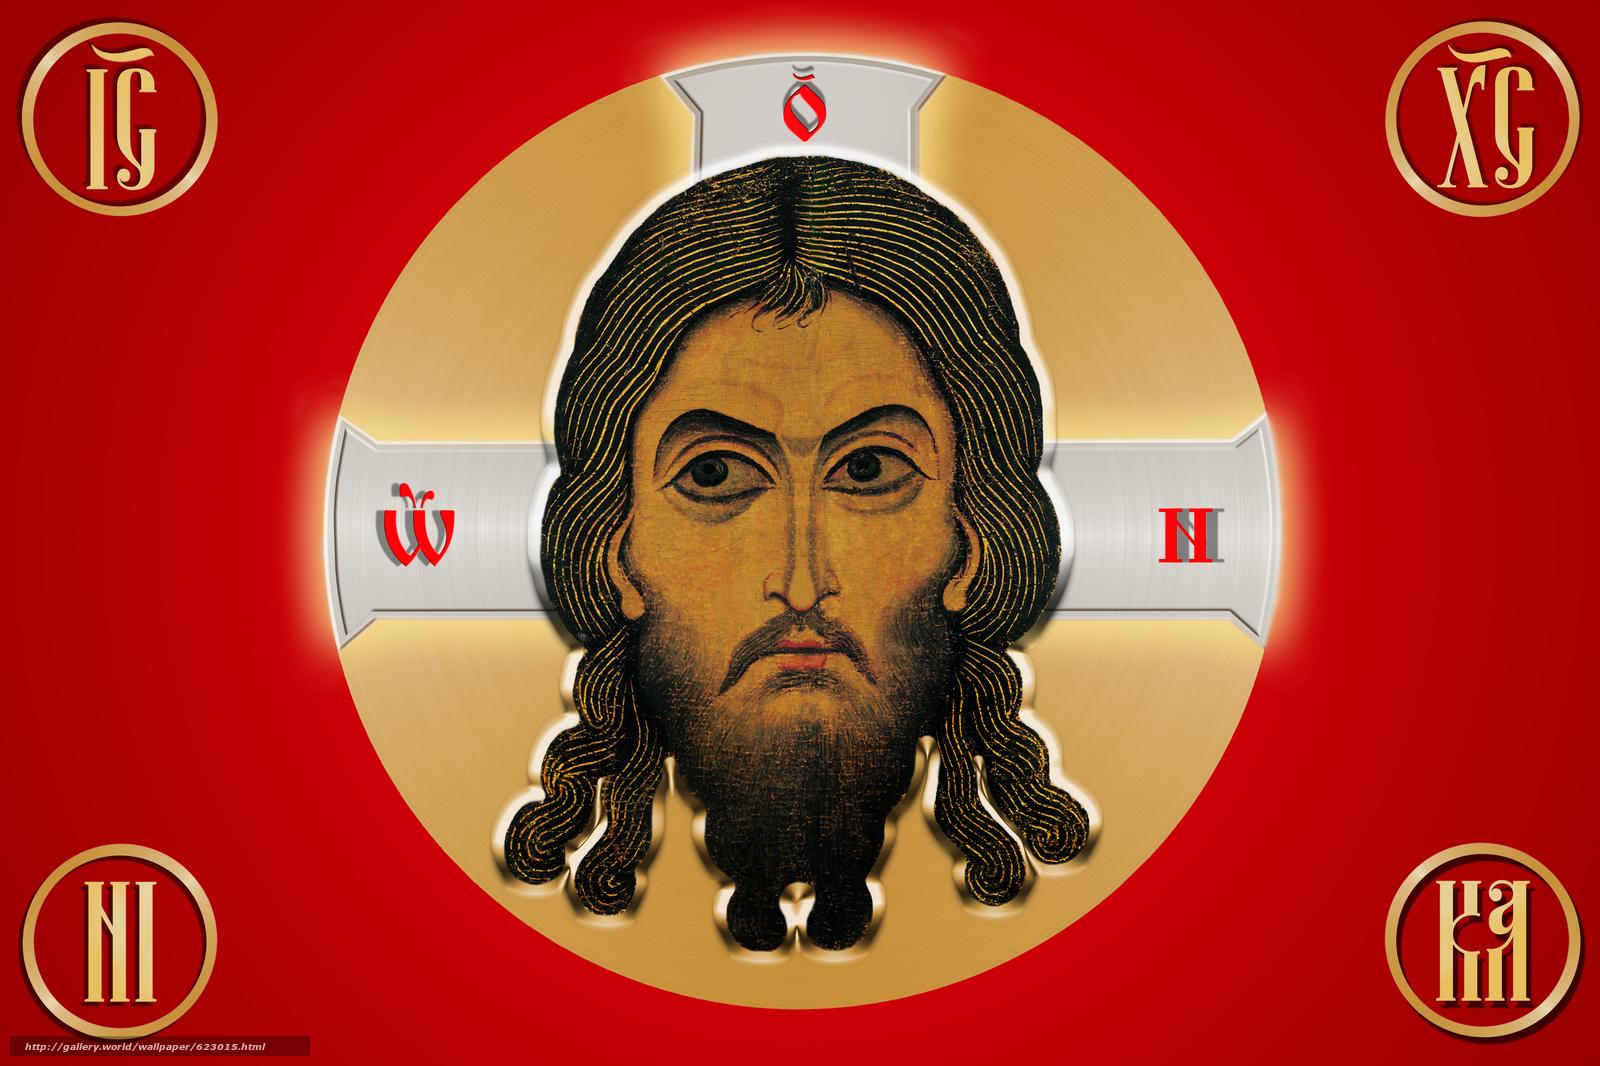 флаг, Россия, Иисус Христос, религия, вера, лик, христианство